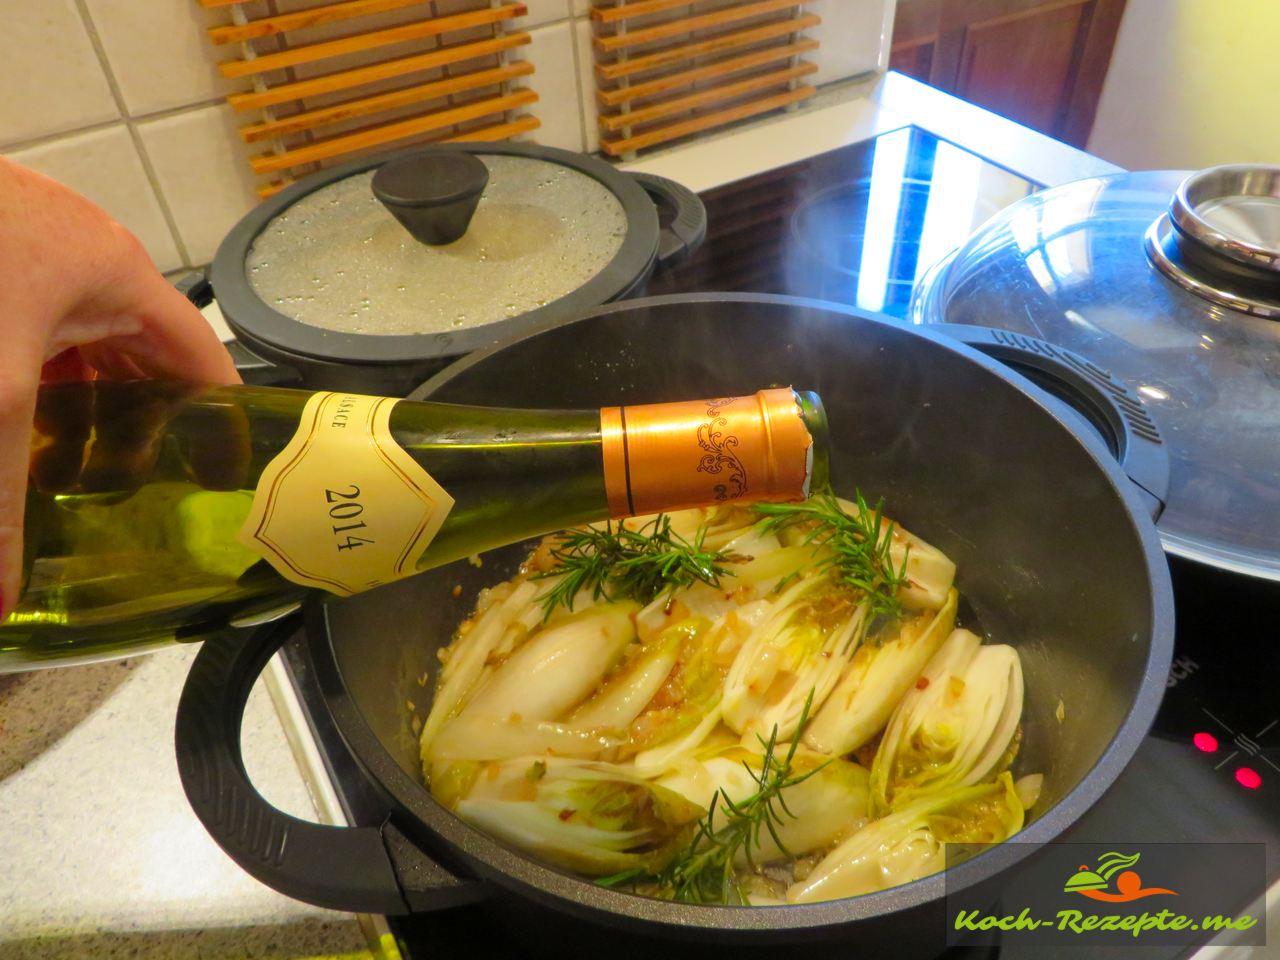 ablöschen mit Weißwein und Gemüsebrühe. Geschmorte Endivie Rezept französisch